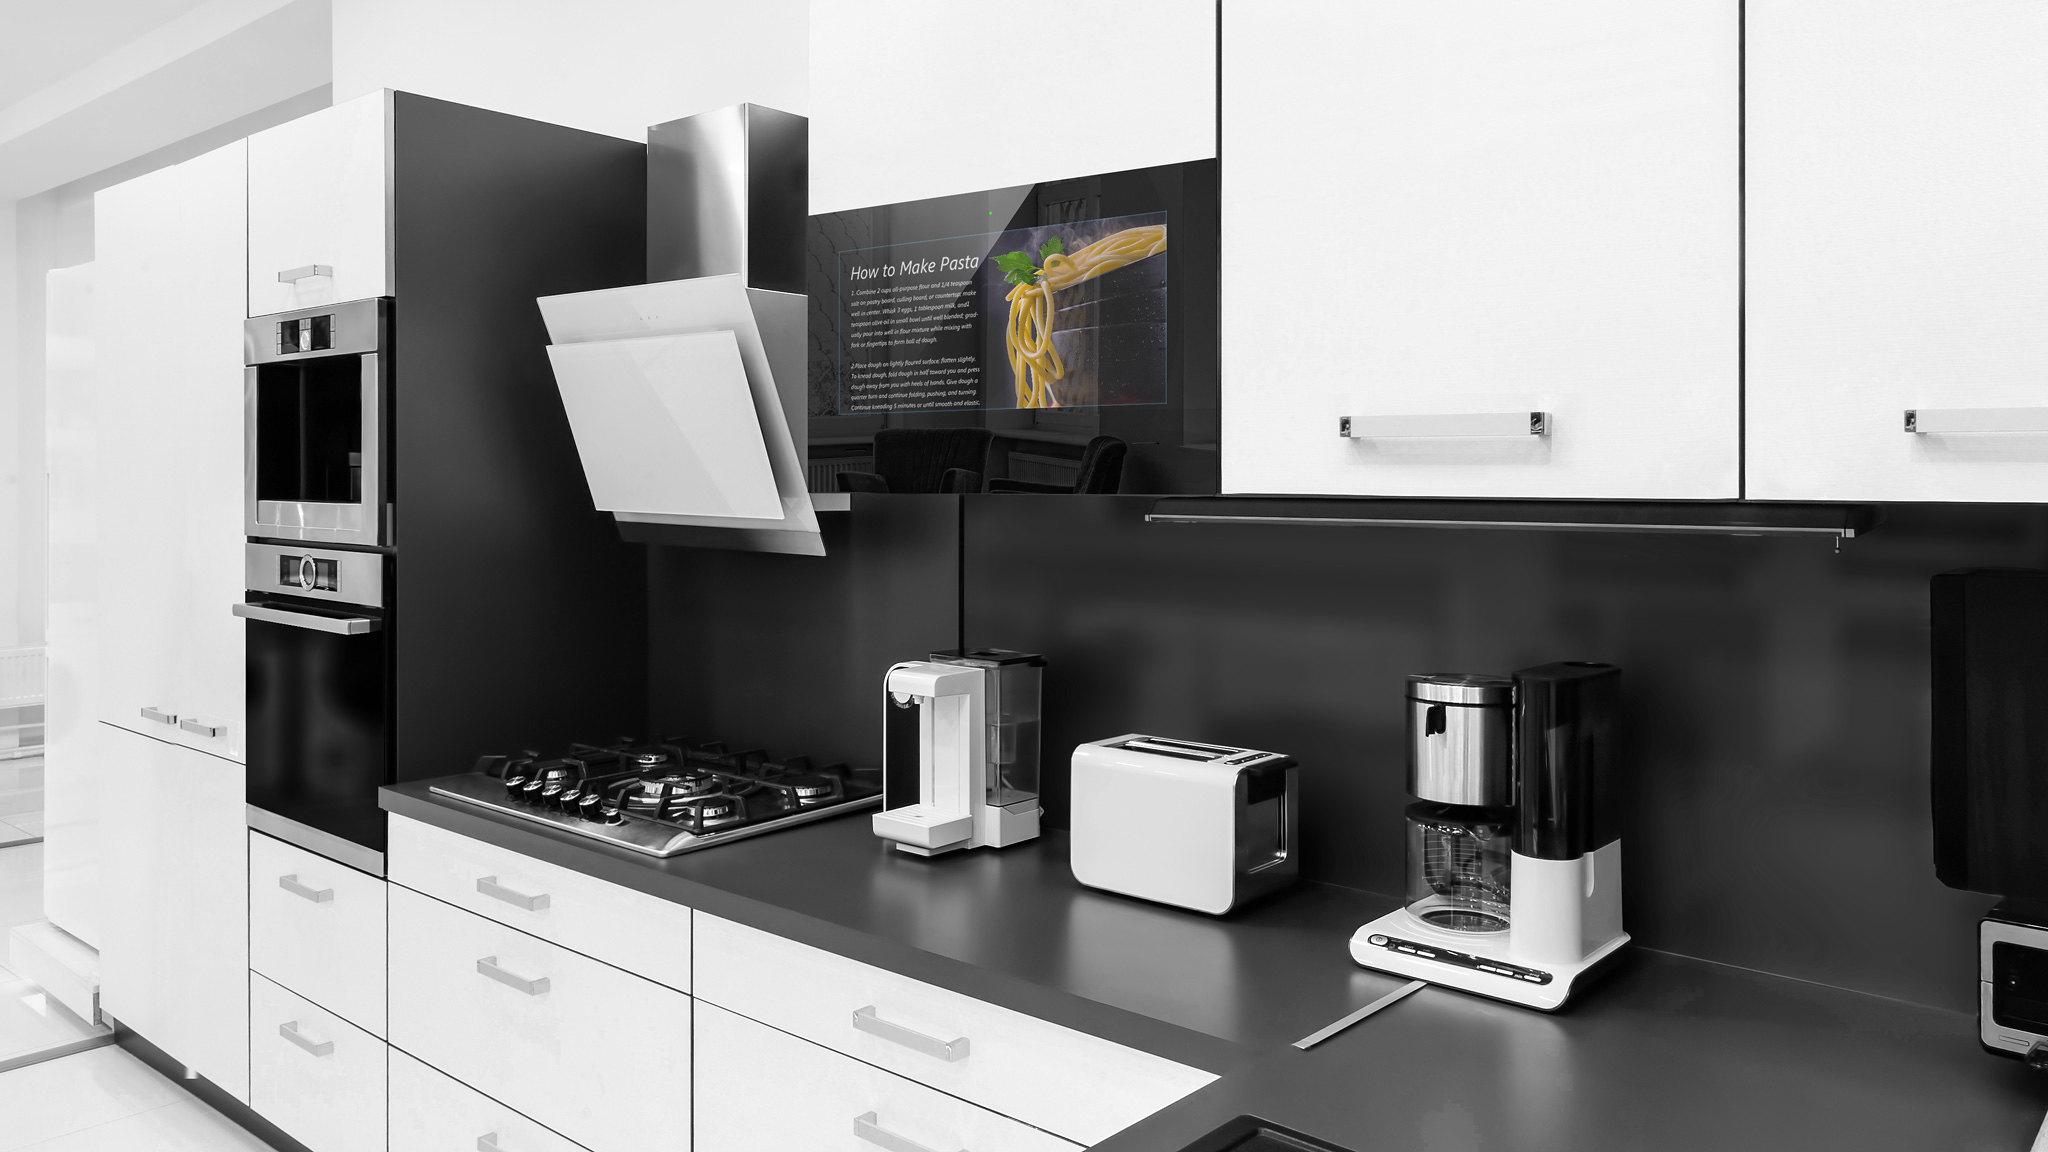 Küchen Fernseher Smart TV Touchscreen 21,5 Zoll (54 cm) Android ...